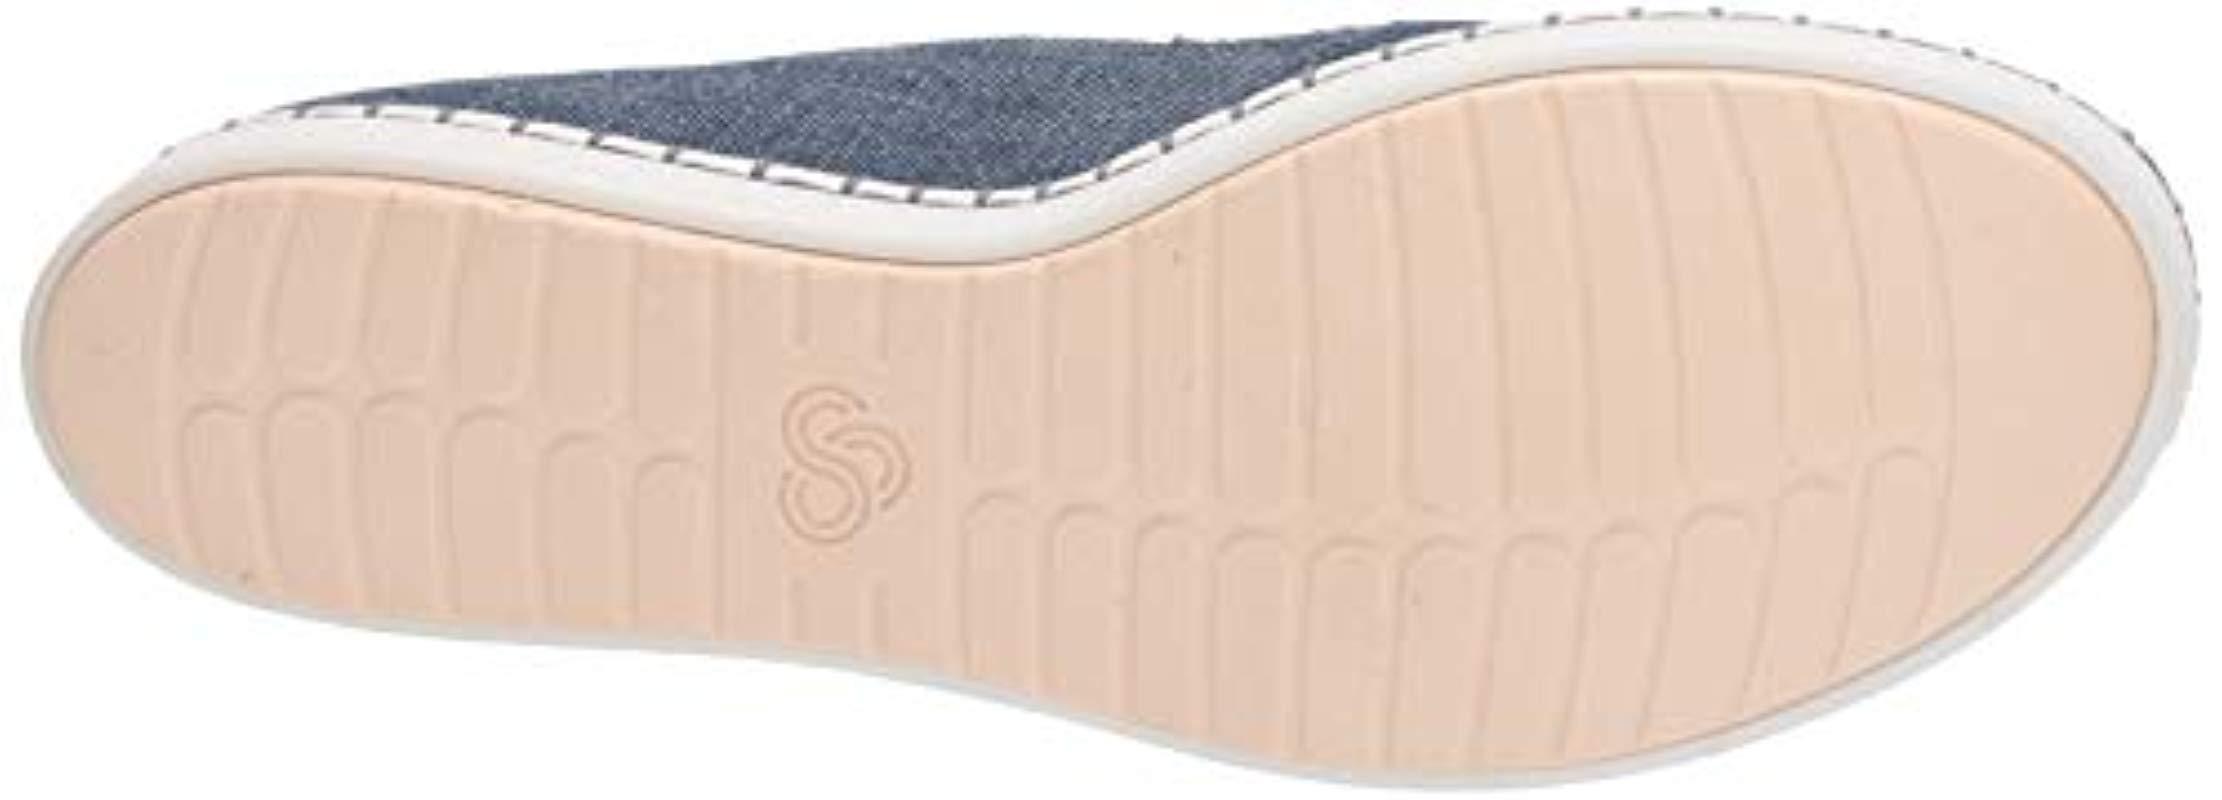 Step Glow Slip, Zapatillas sin Cordones para Mujer Clarks de color Azul - 16 % de descuento